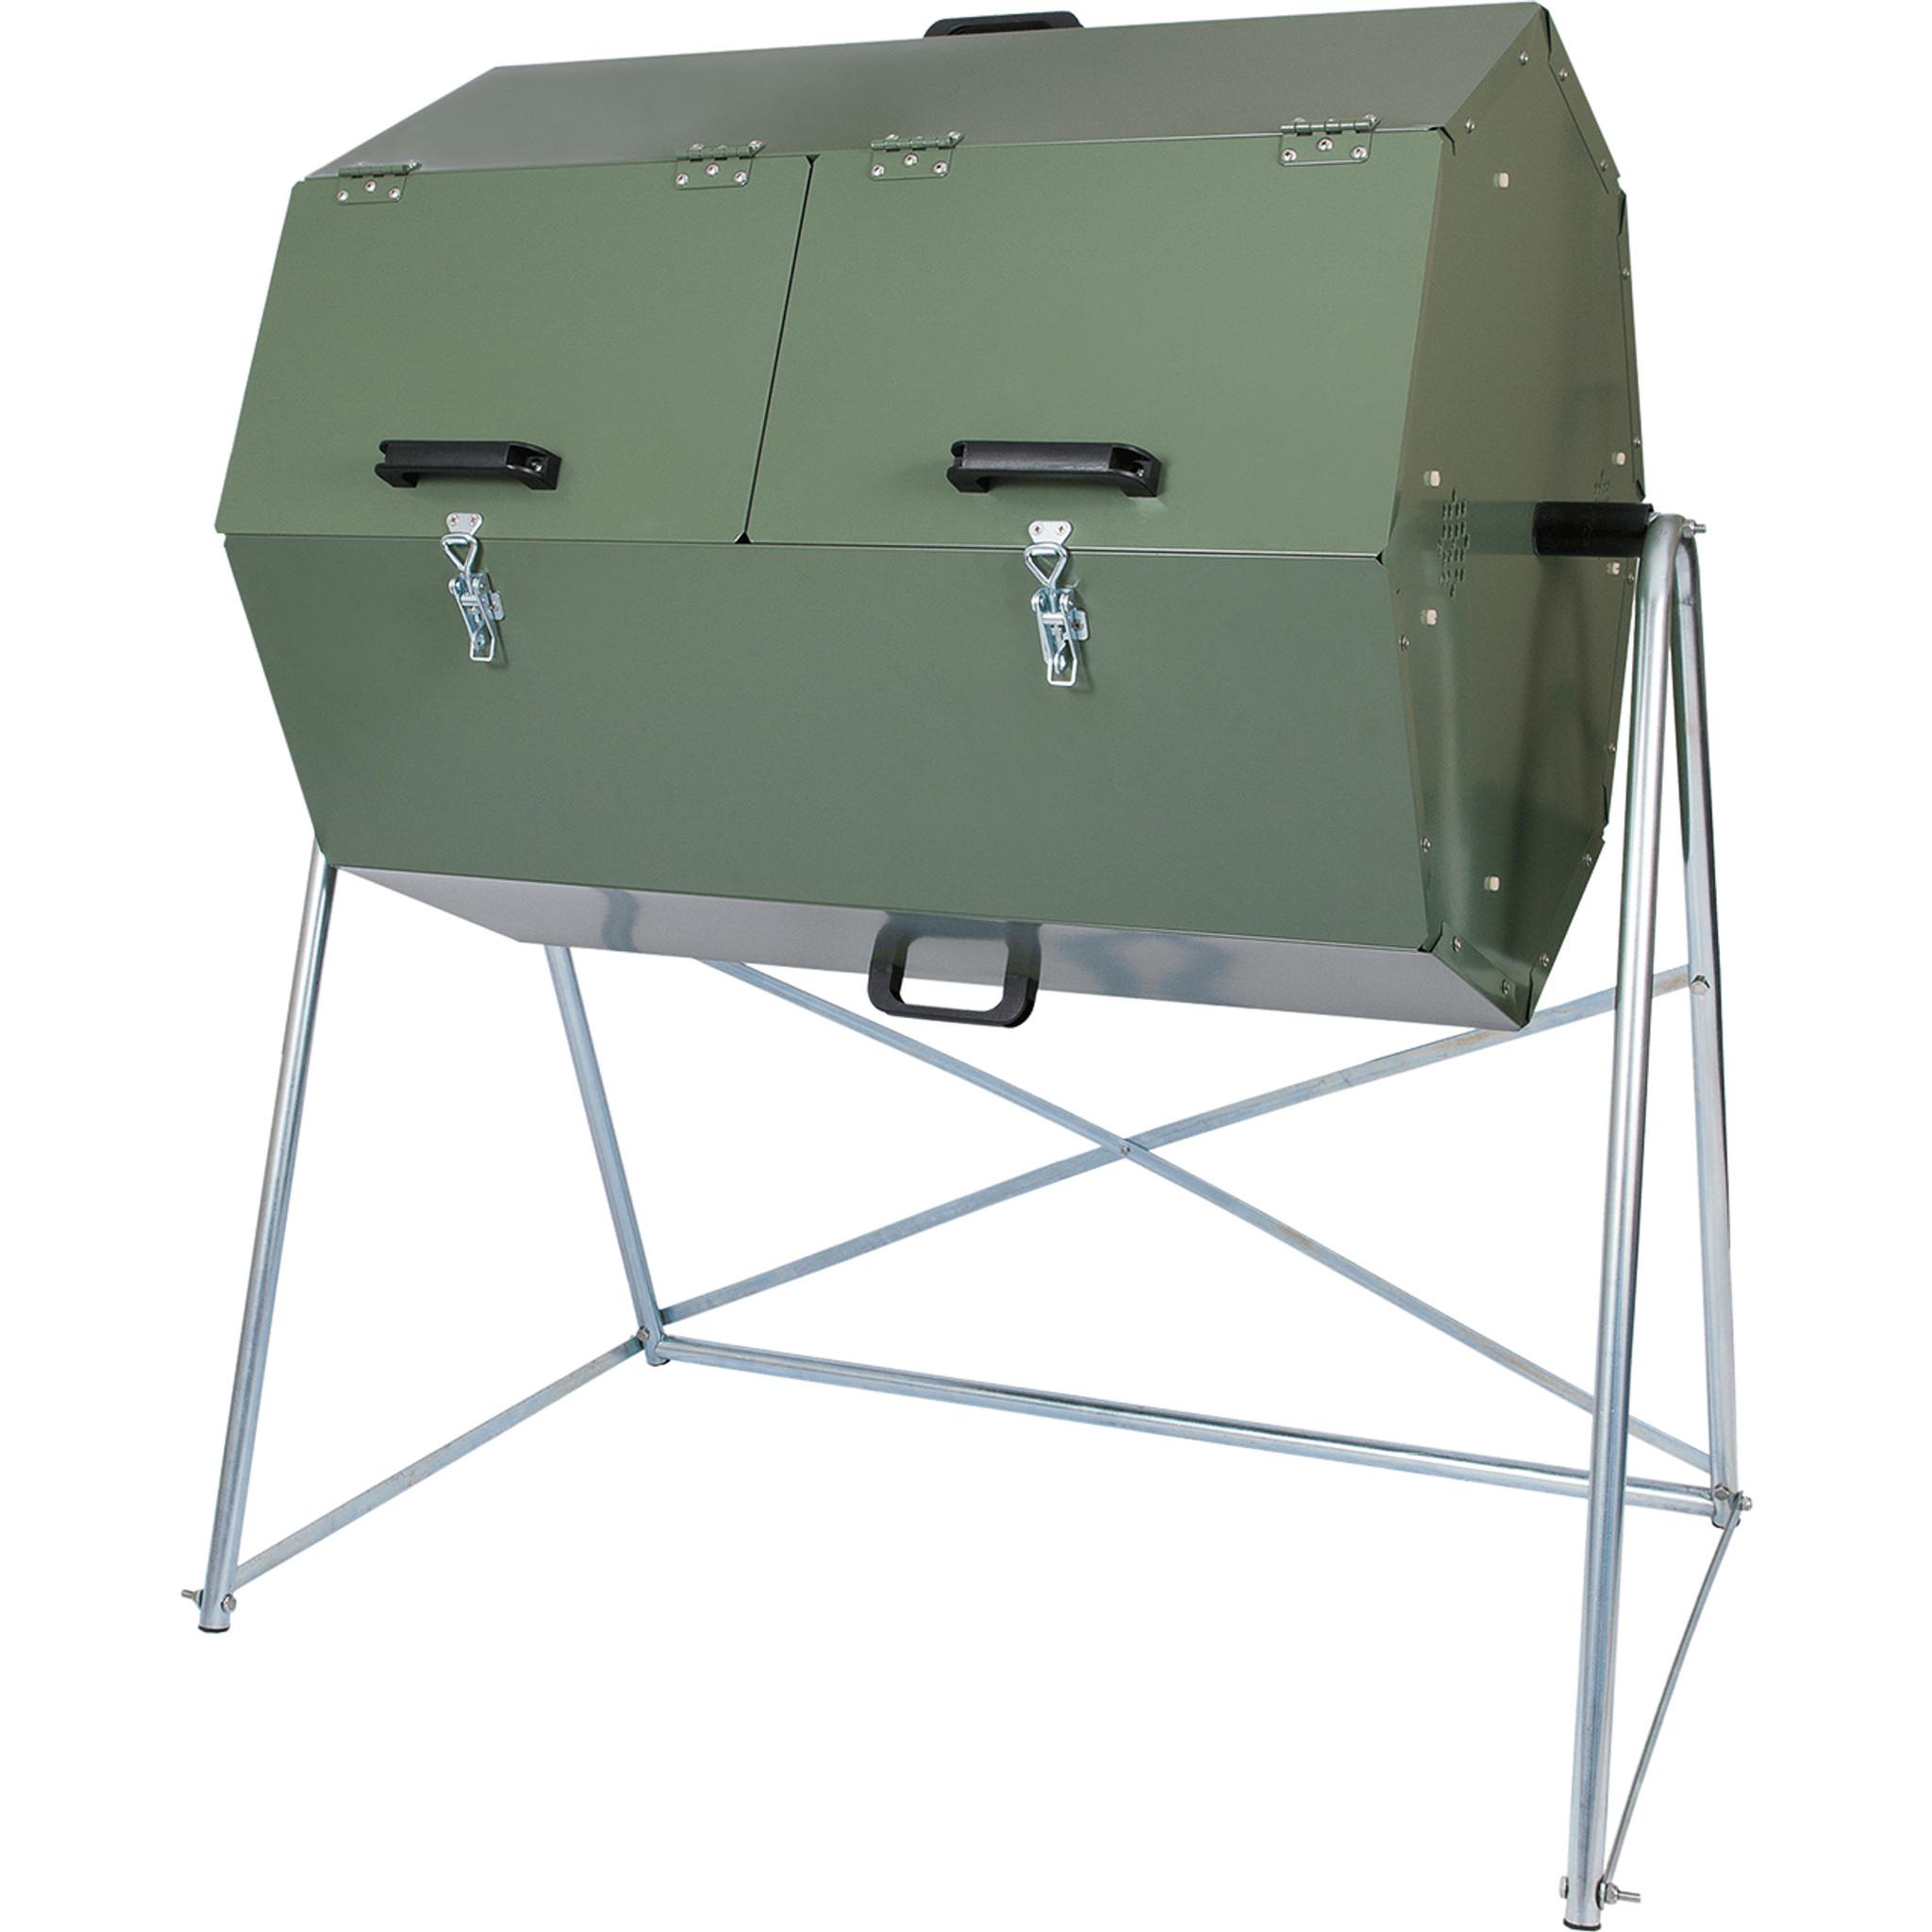 Jora JK270 Composter 9.5 Cubic Feet | Eartheasy.com